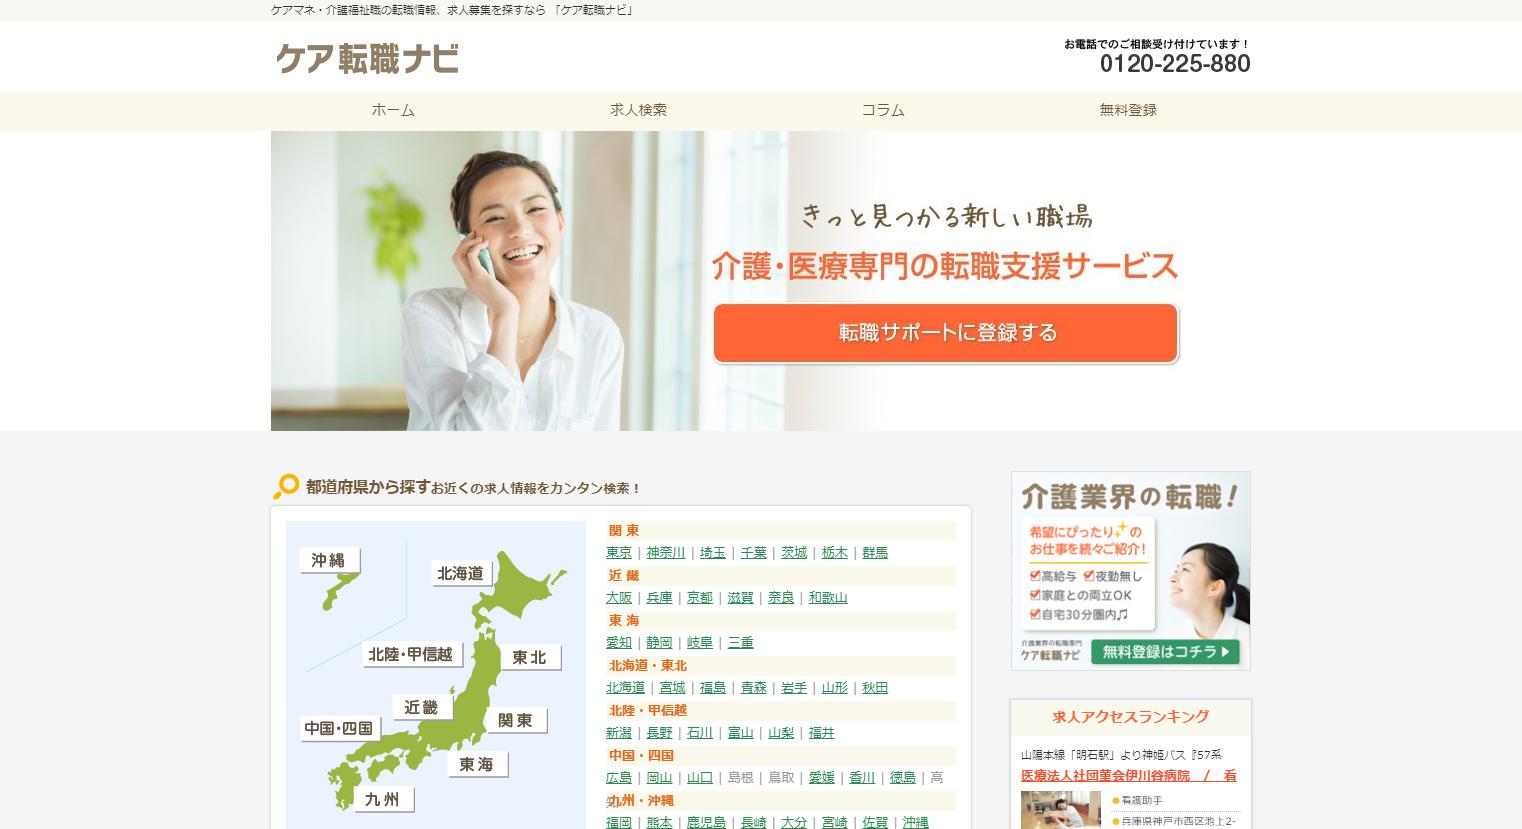 ケア転職ナビ公式サイトイメージ図